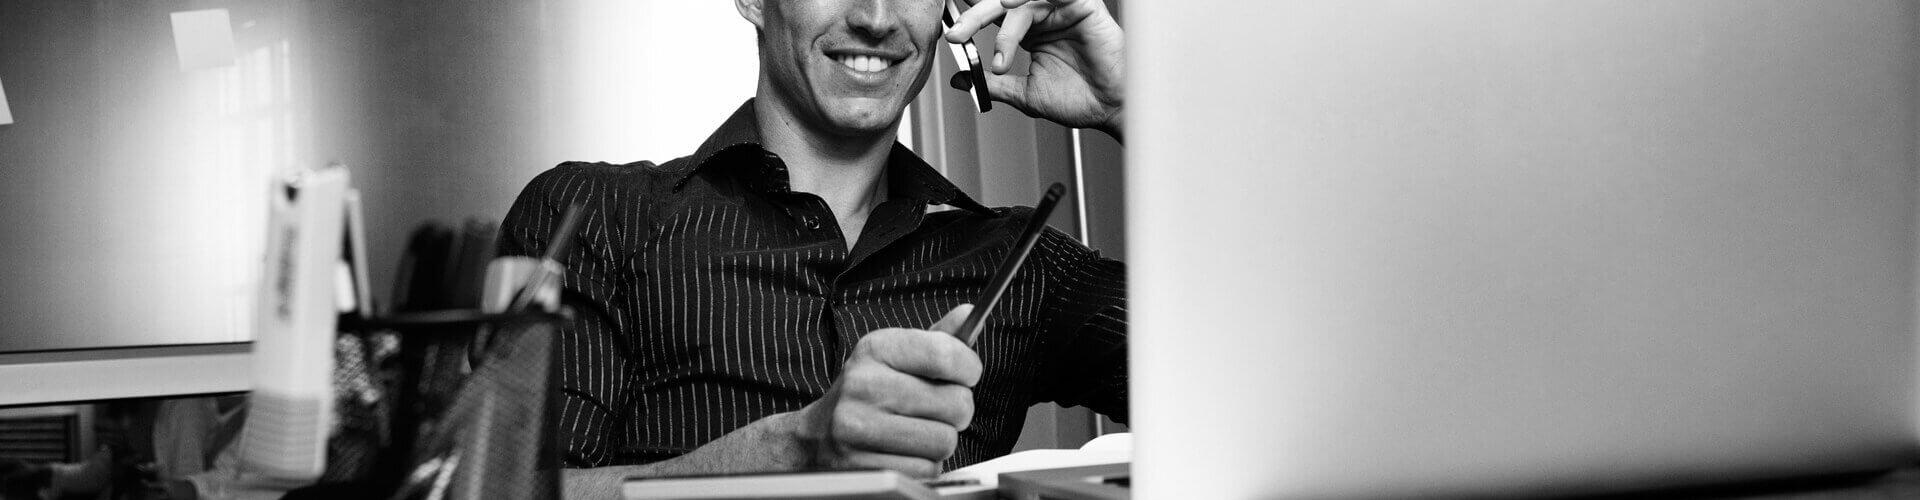 Compleet connectiviteitsportfolio, uitgebreide sales ondersteuning, focus op jouw klant